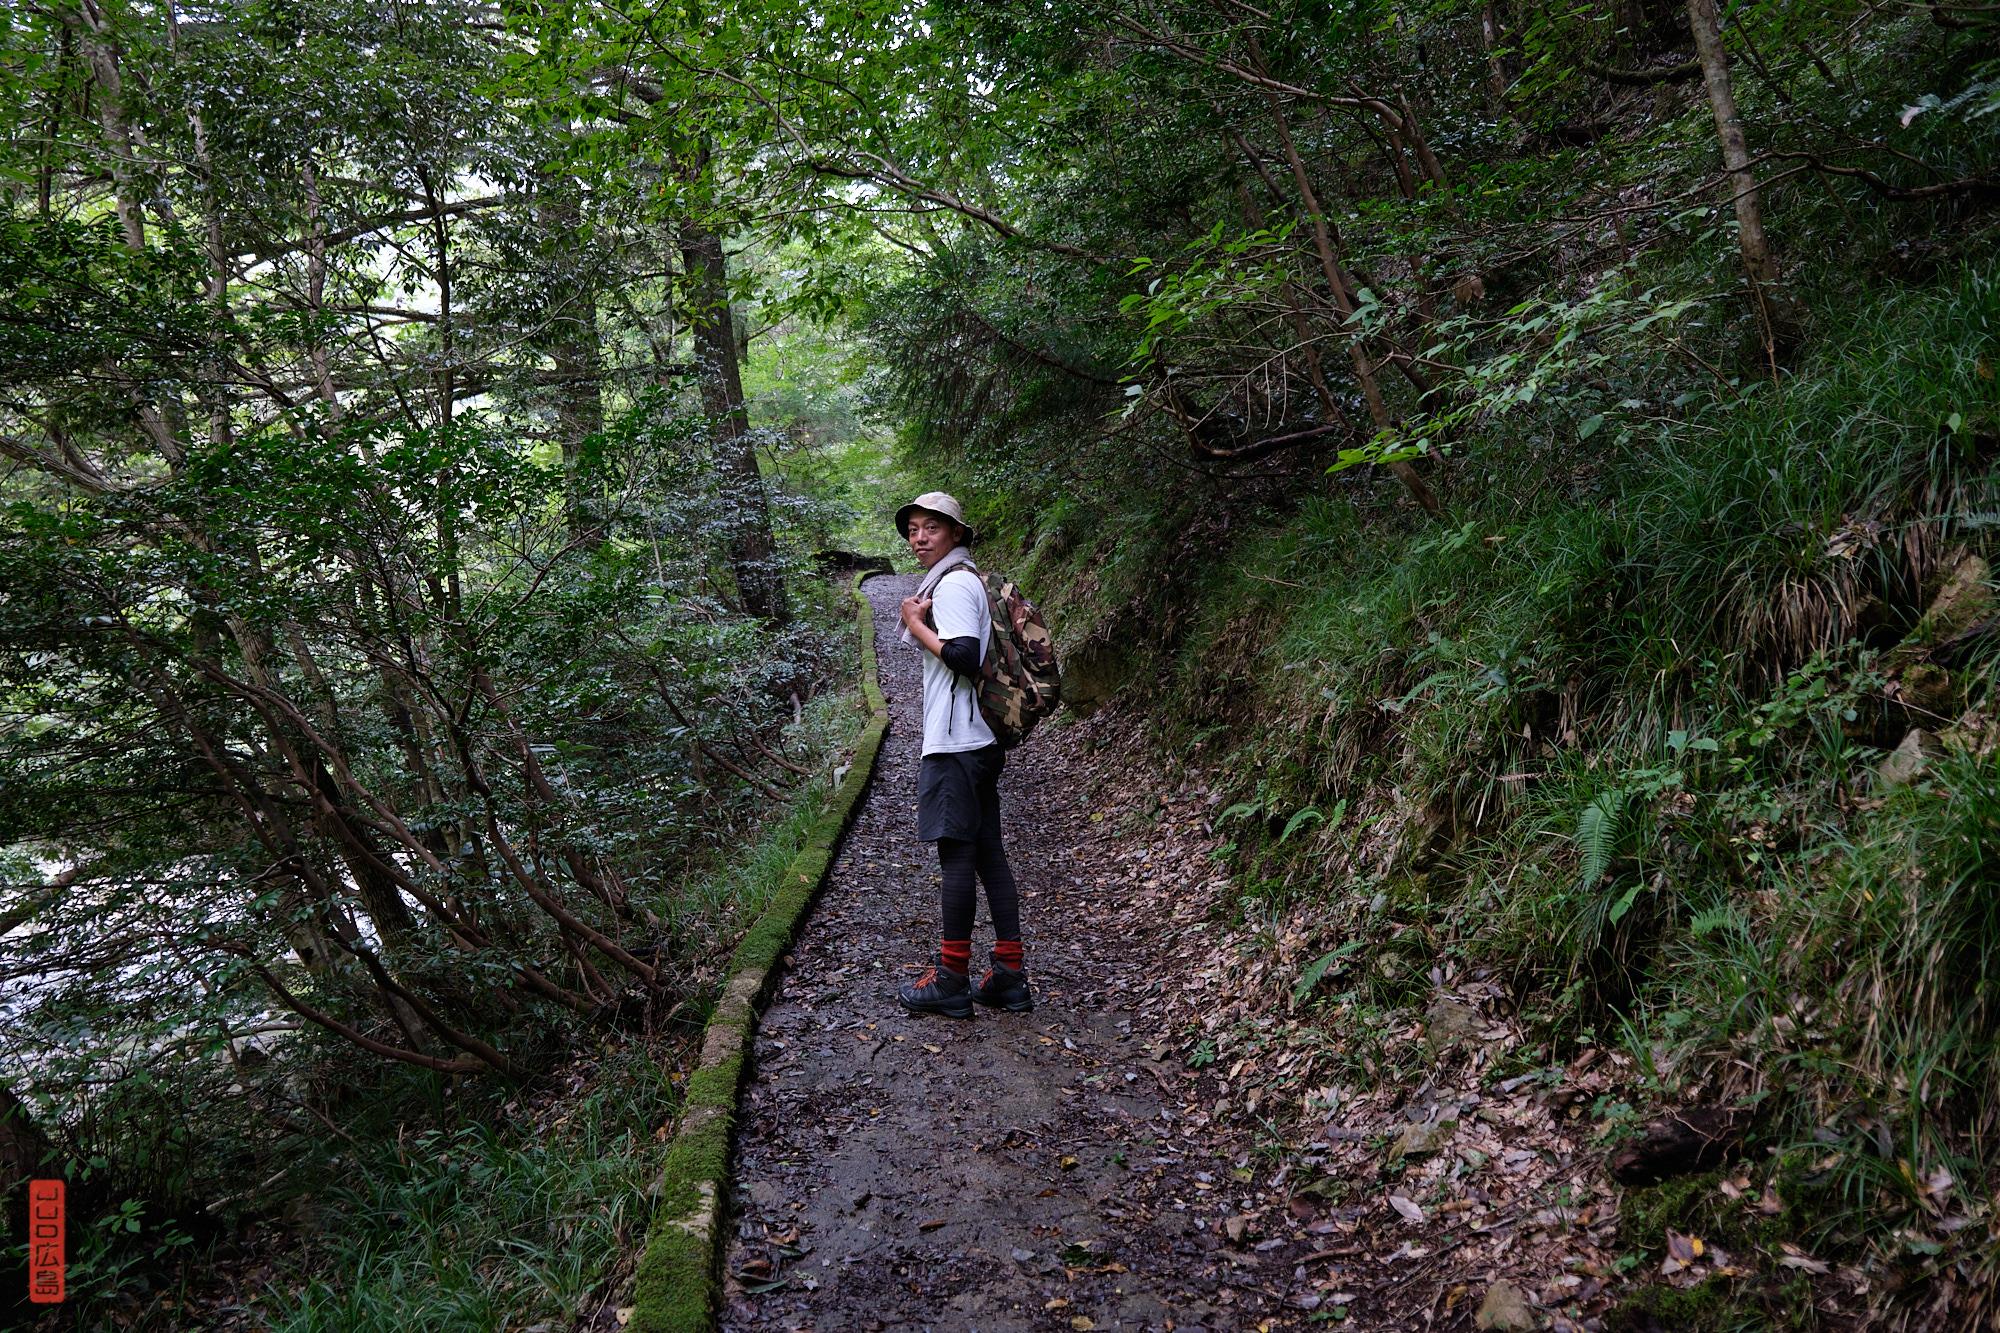 Randonnée au Japon Sandankyo, sentier de Nidandaki